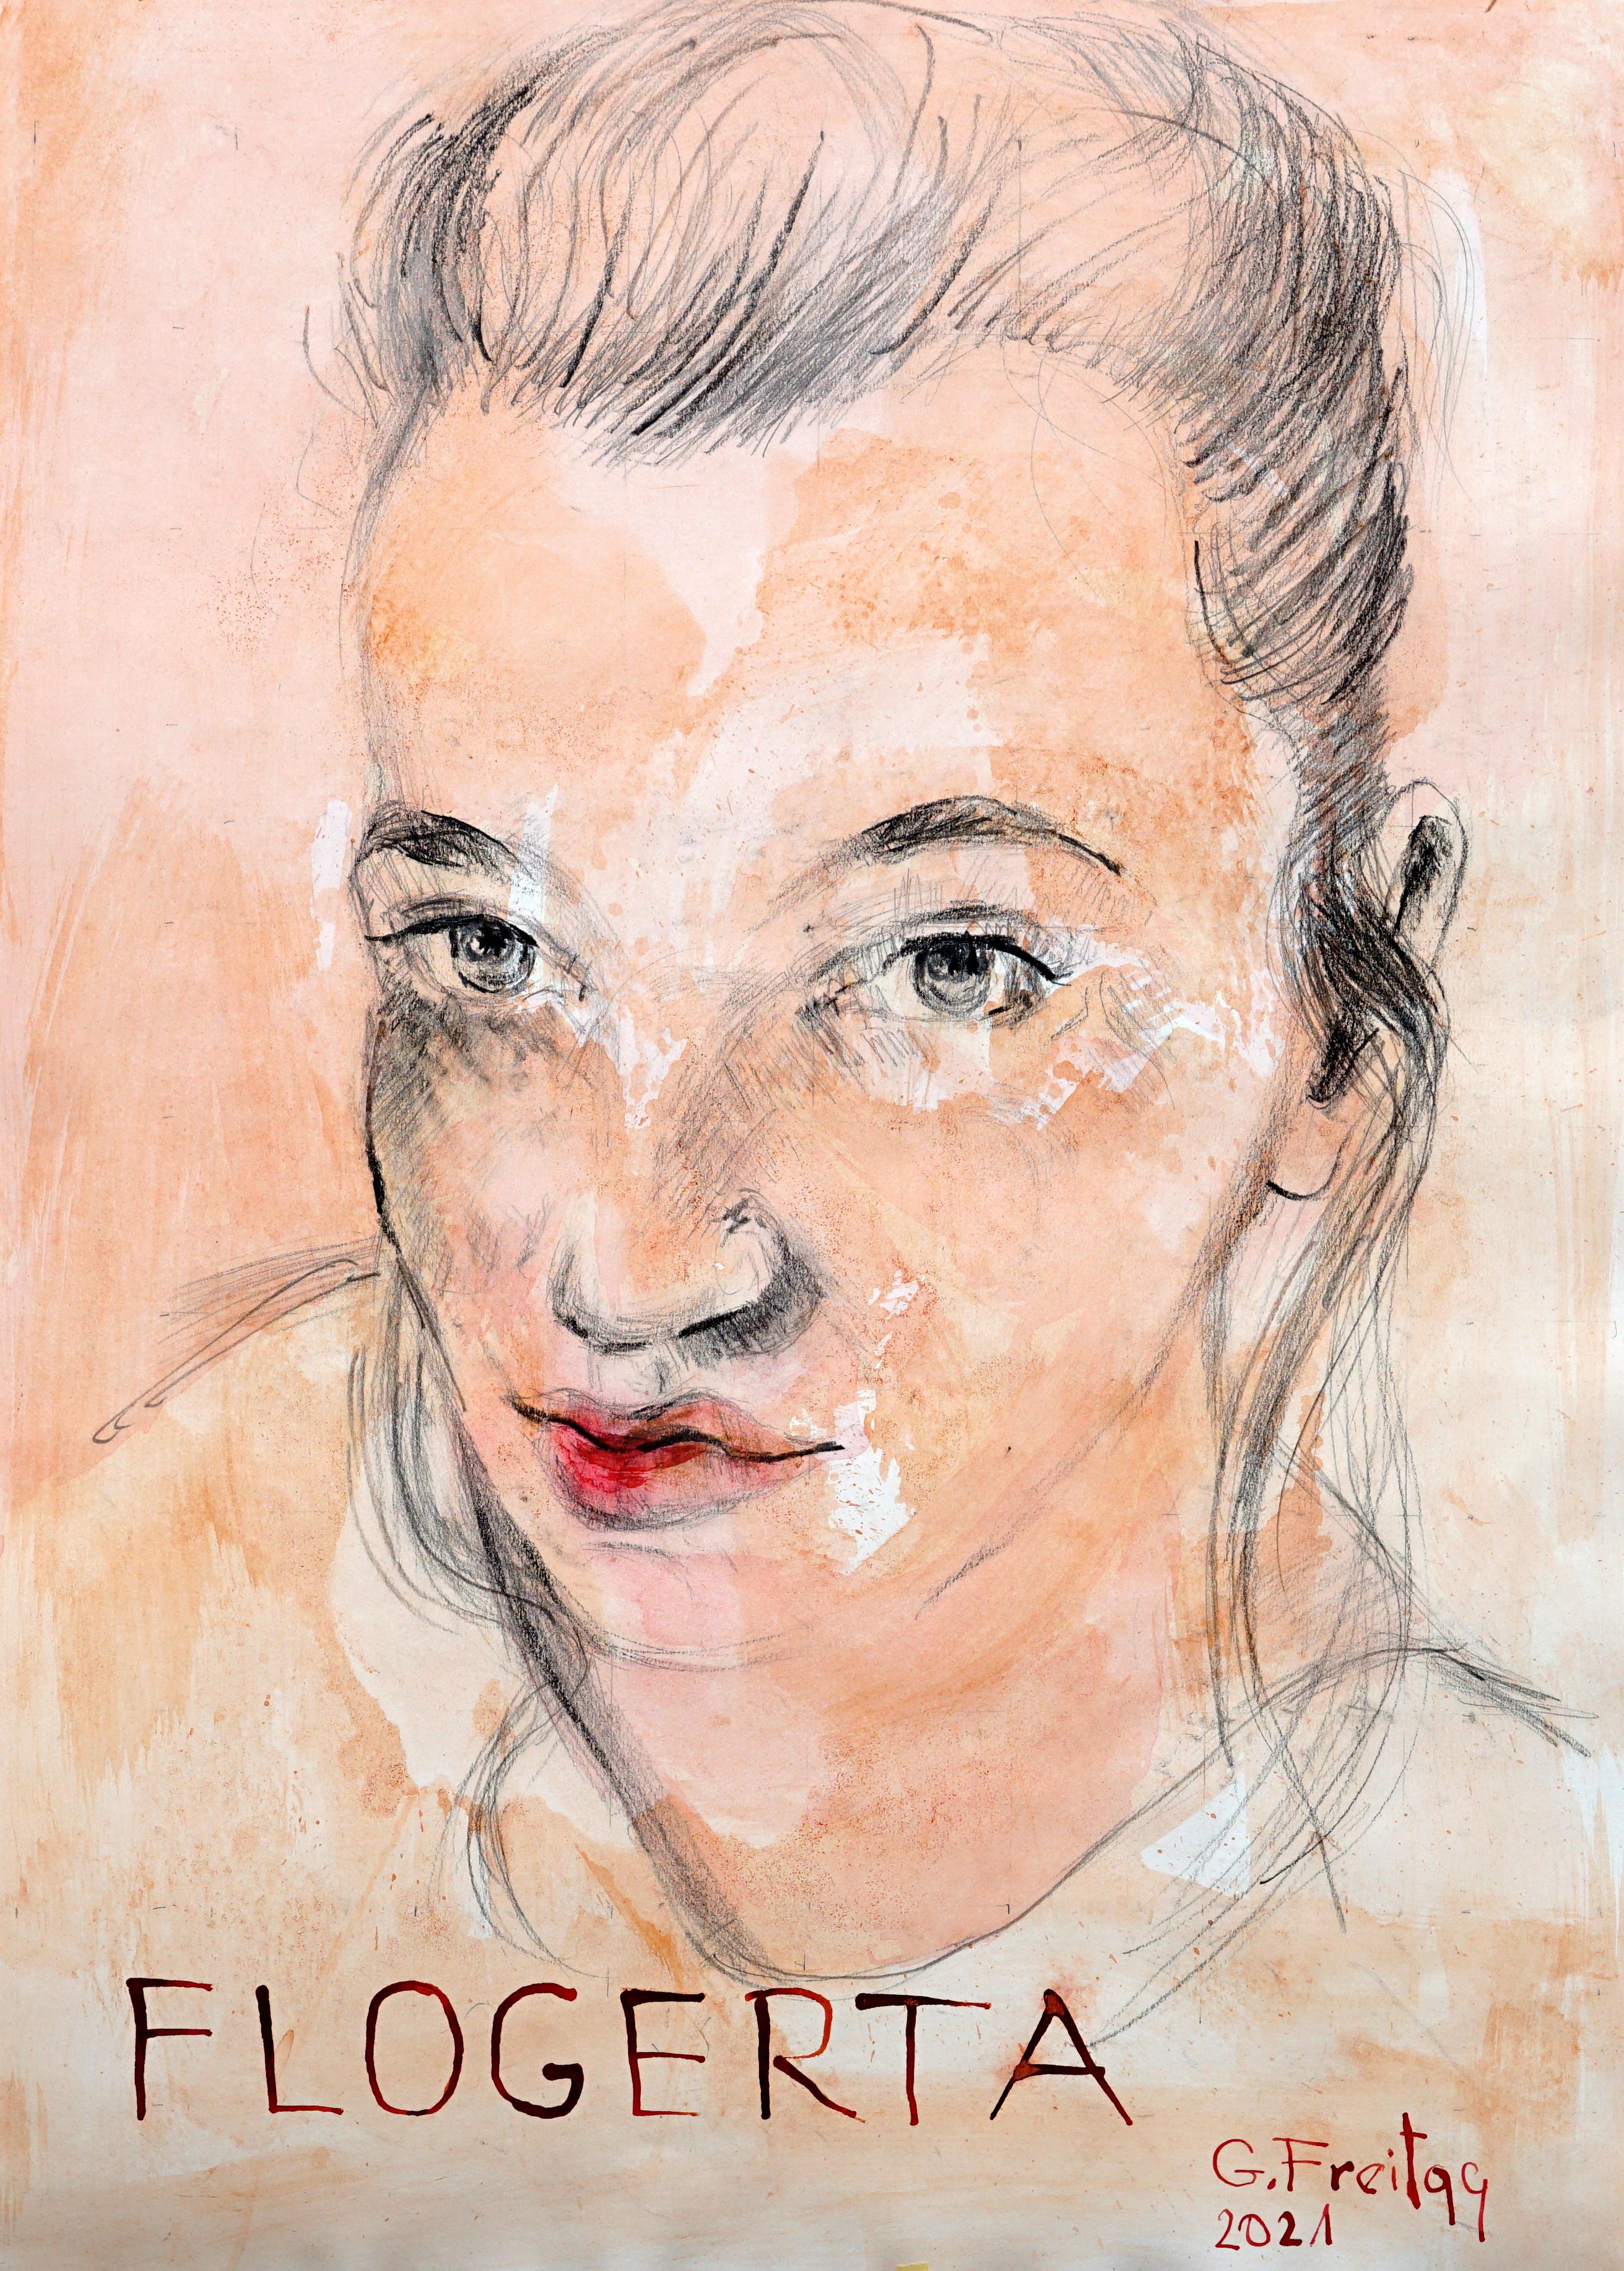 Gazmend Freitag: Flogerta Driza, 2021, Bleistift mit Tusche laviert auf Papier, 59,4 x 42 cm. Privatsammlung!